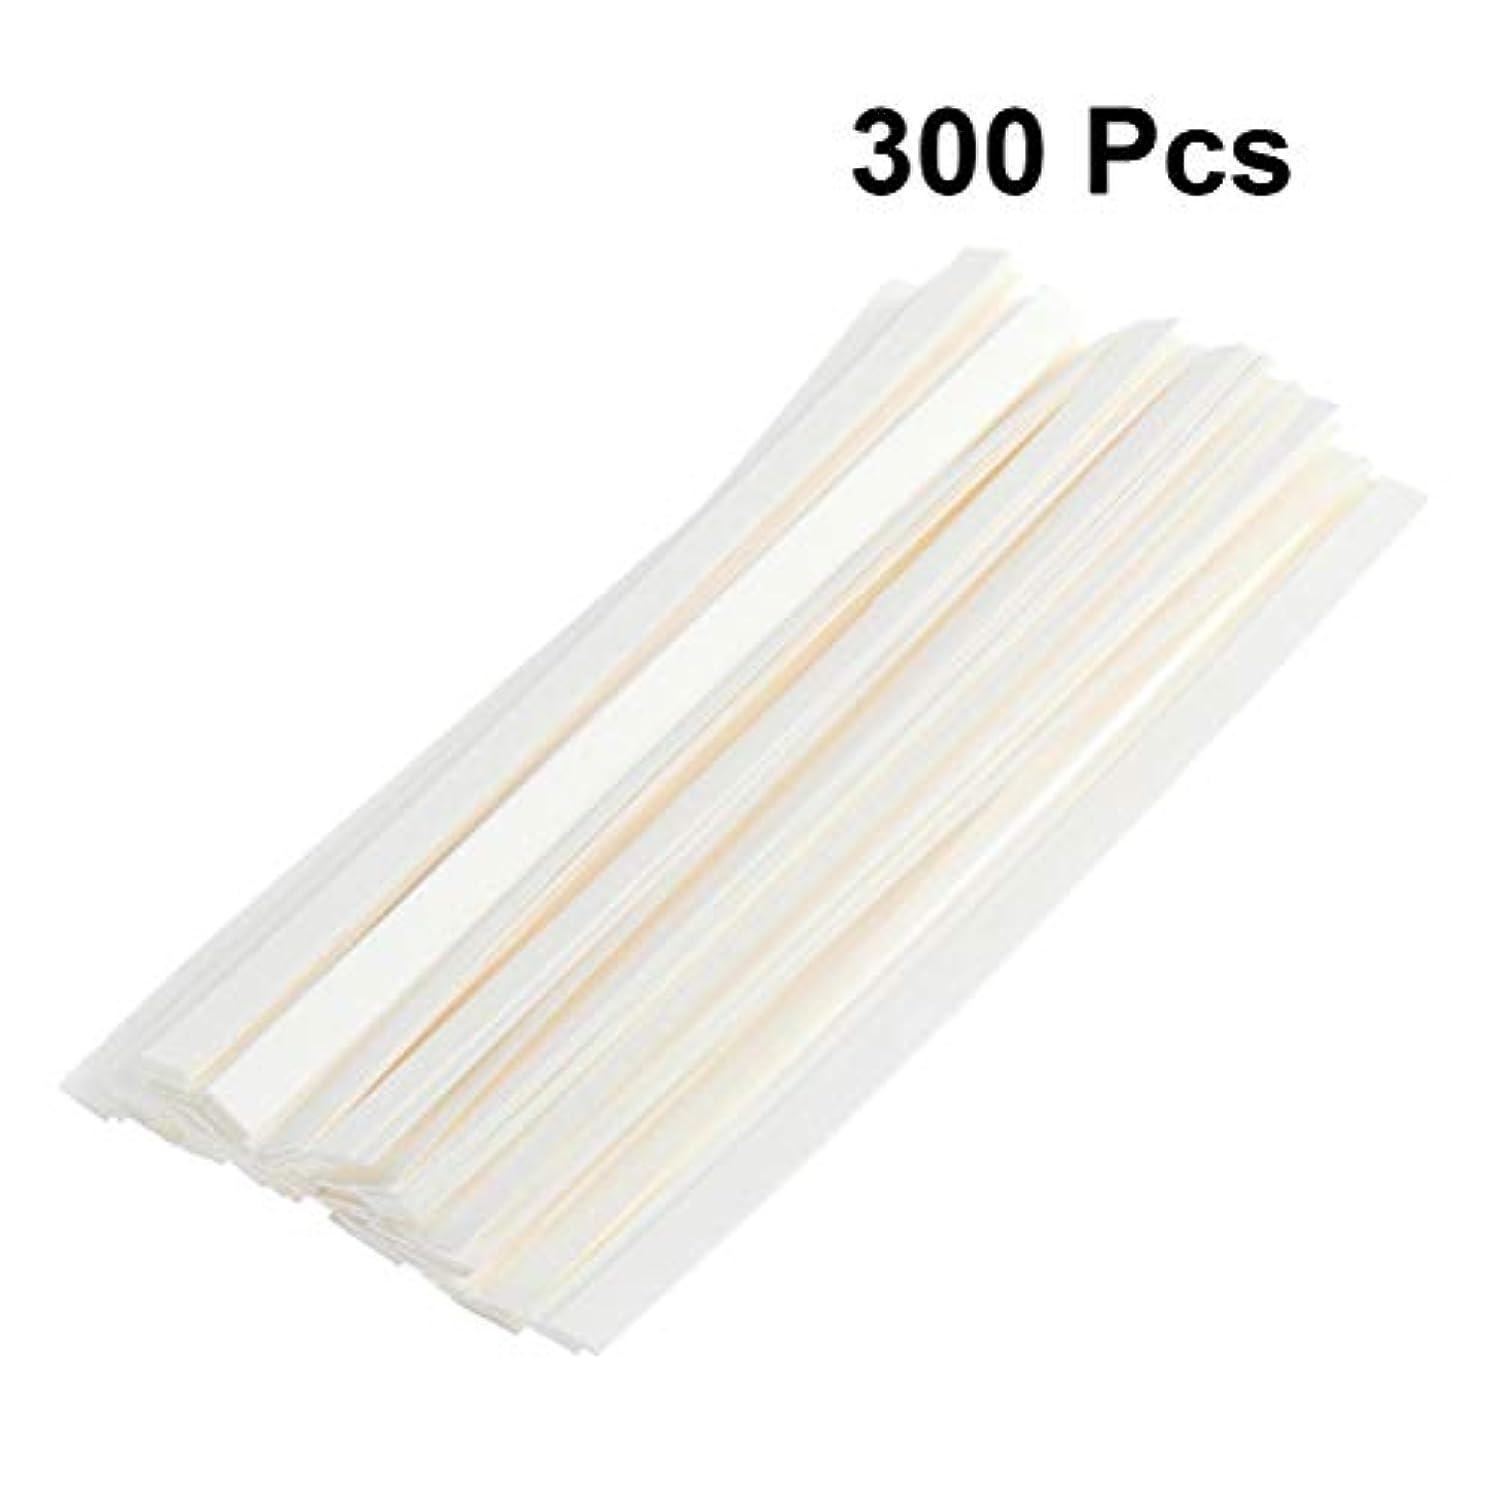 約行う熟達したSUPVOX 300ピース 香水ストリップ フレグランス エッセンシャルオイル テストストリップ 香水 試験紙 ストリップ